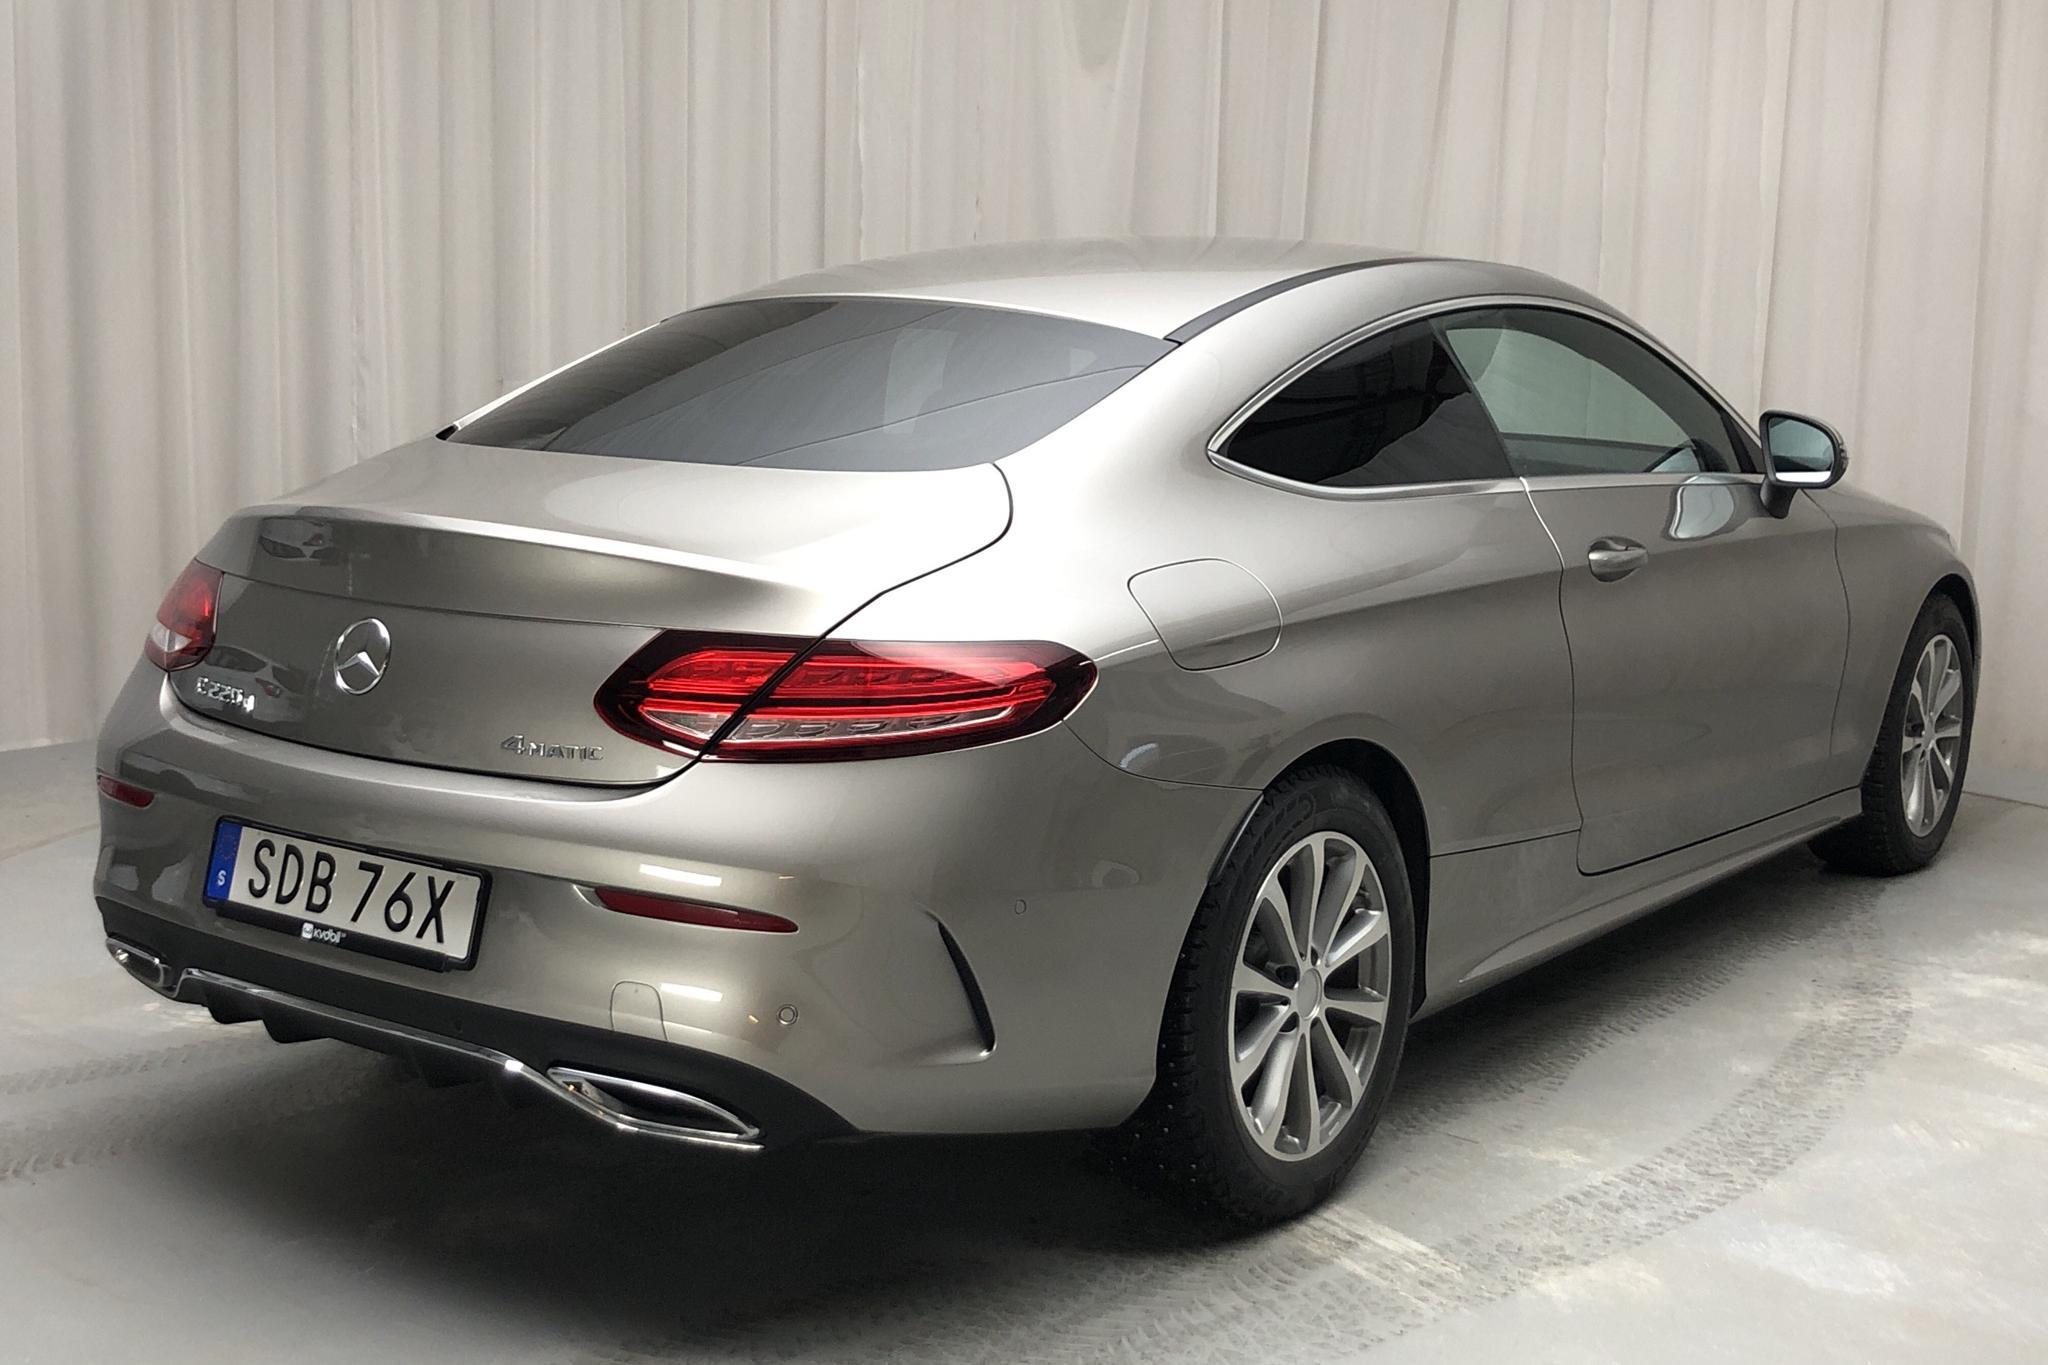 Mercedes C 220 d 4MATIC Coupé C205 (194hk) - 359 mil - Automat - silver - 2020